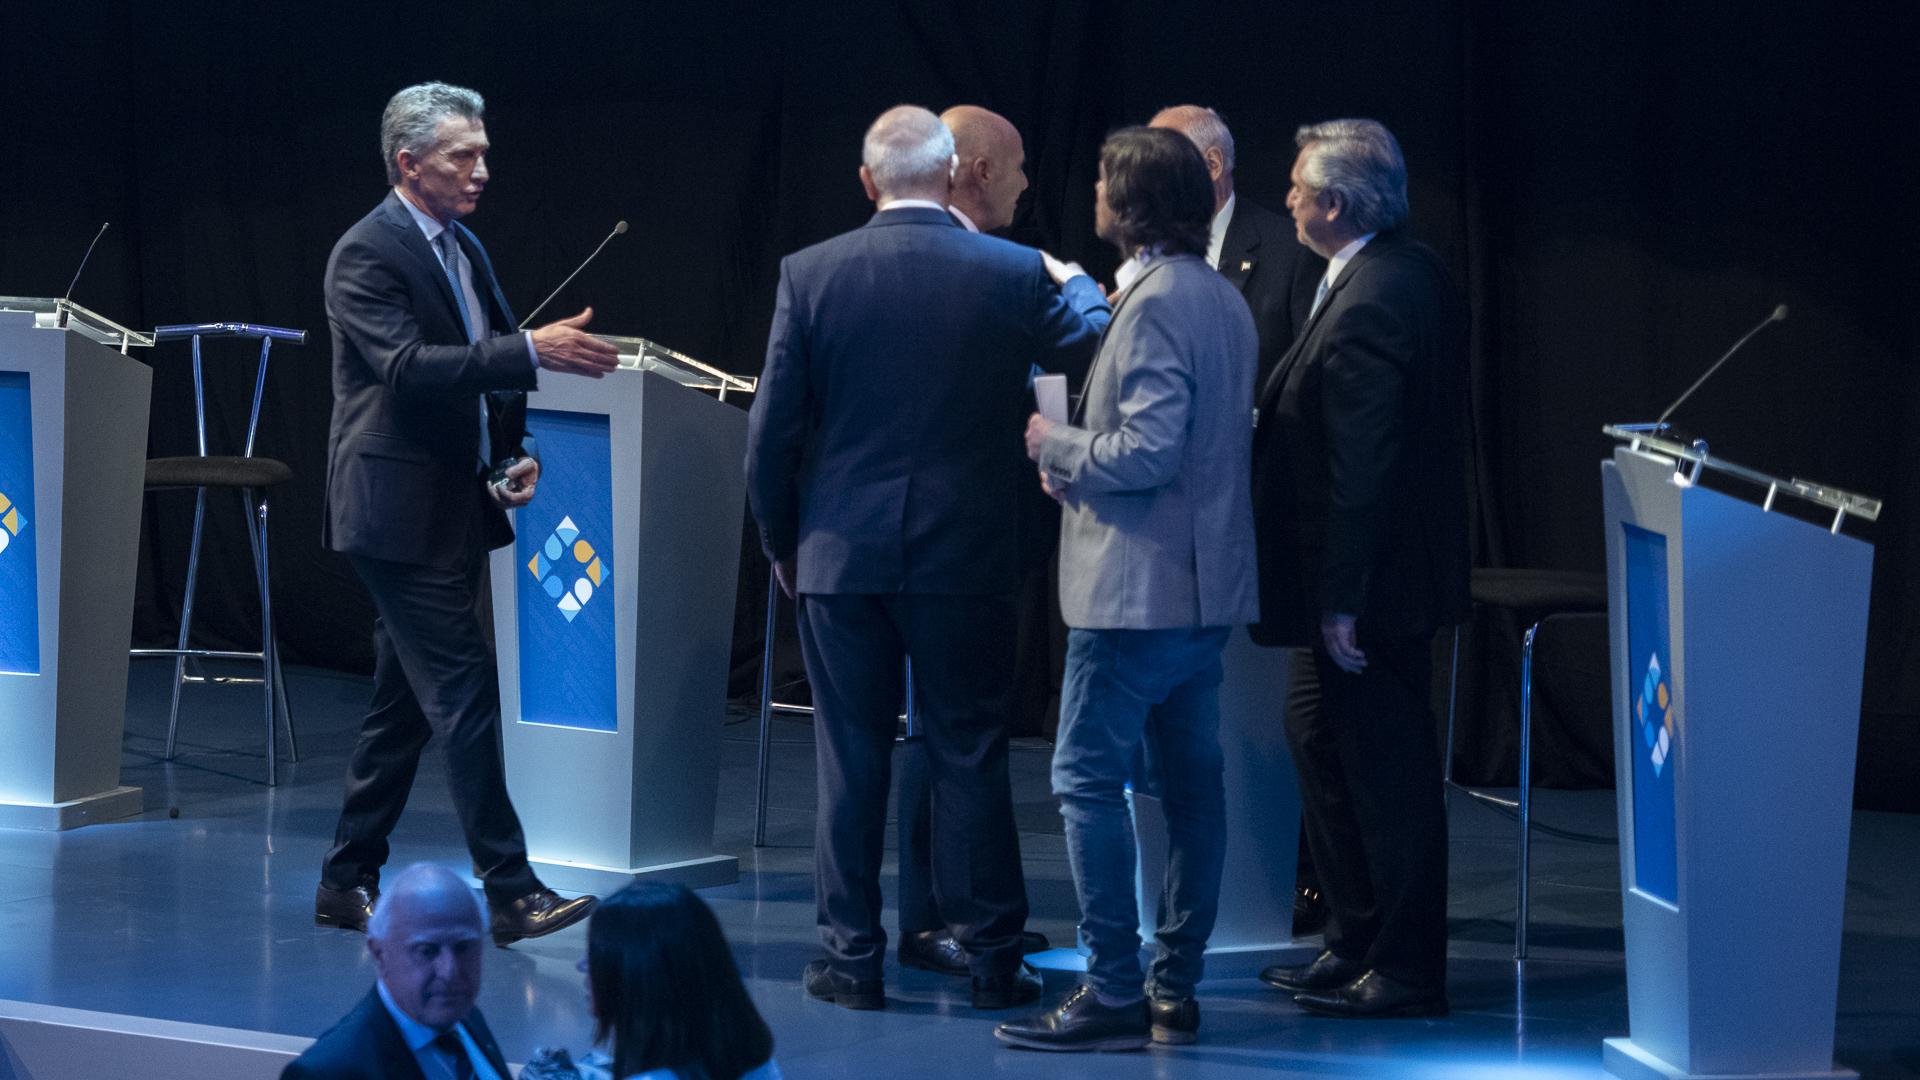 El Presidente se acerca a saludar en el cierre del debate